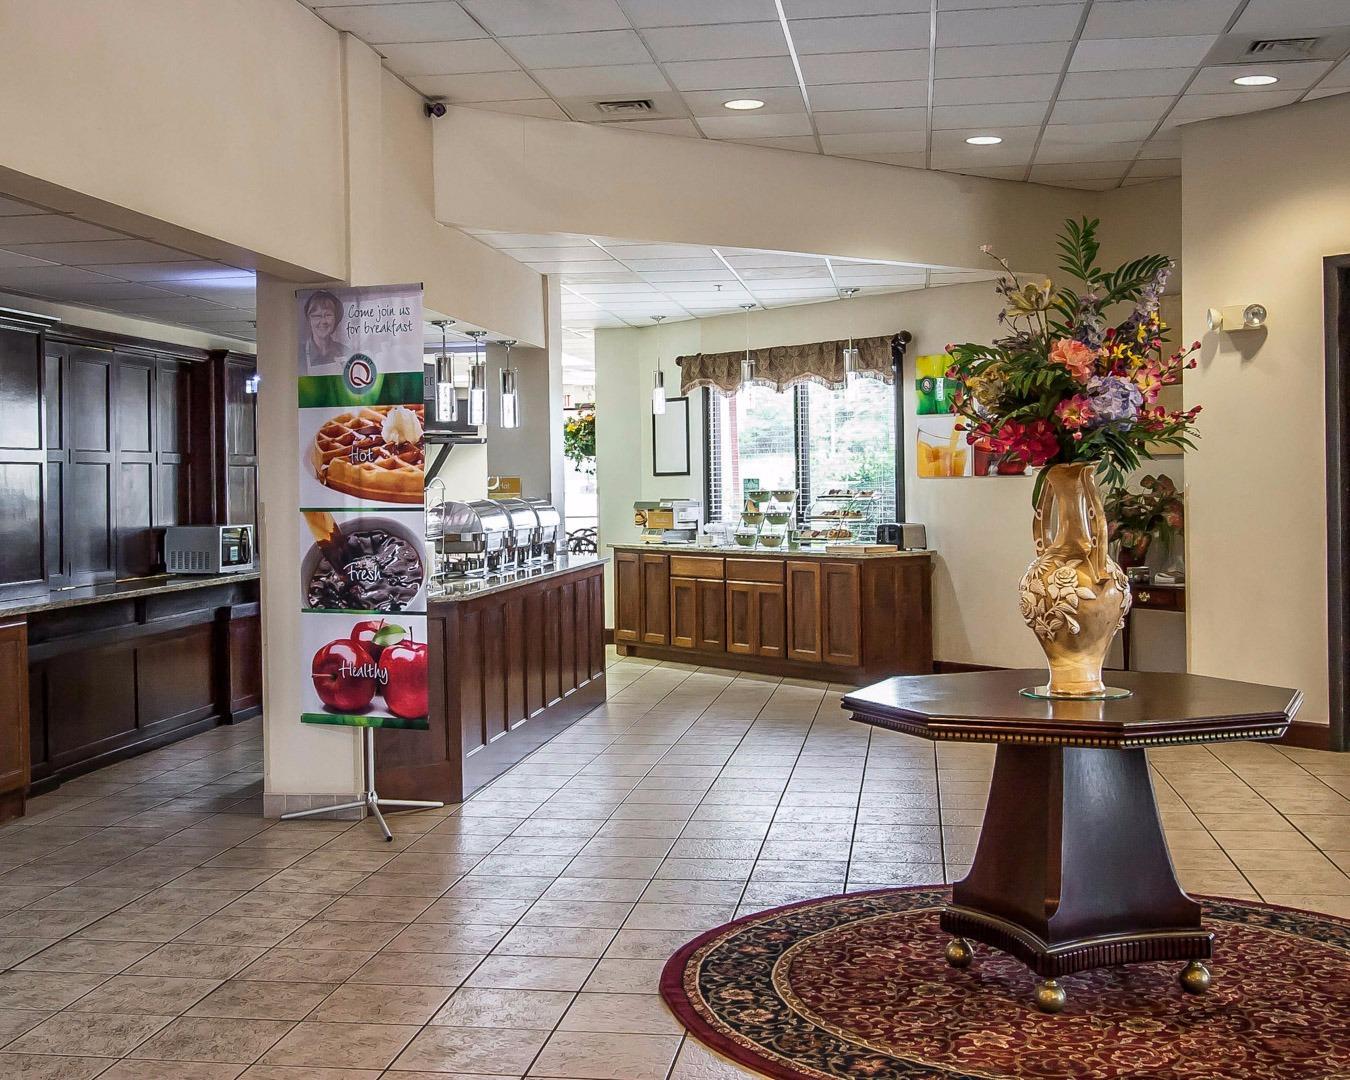 Quality Inn, West Plains MO